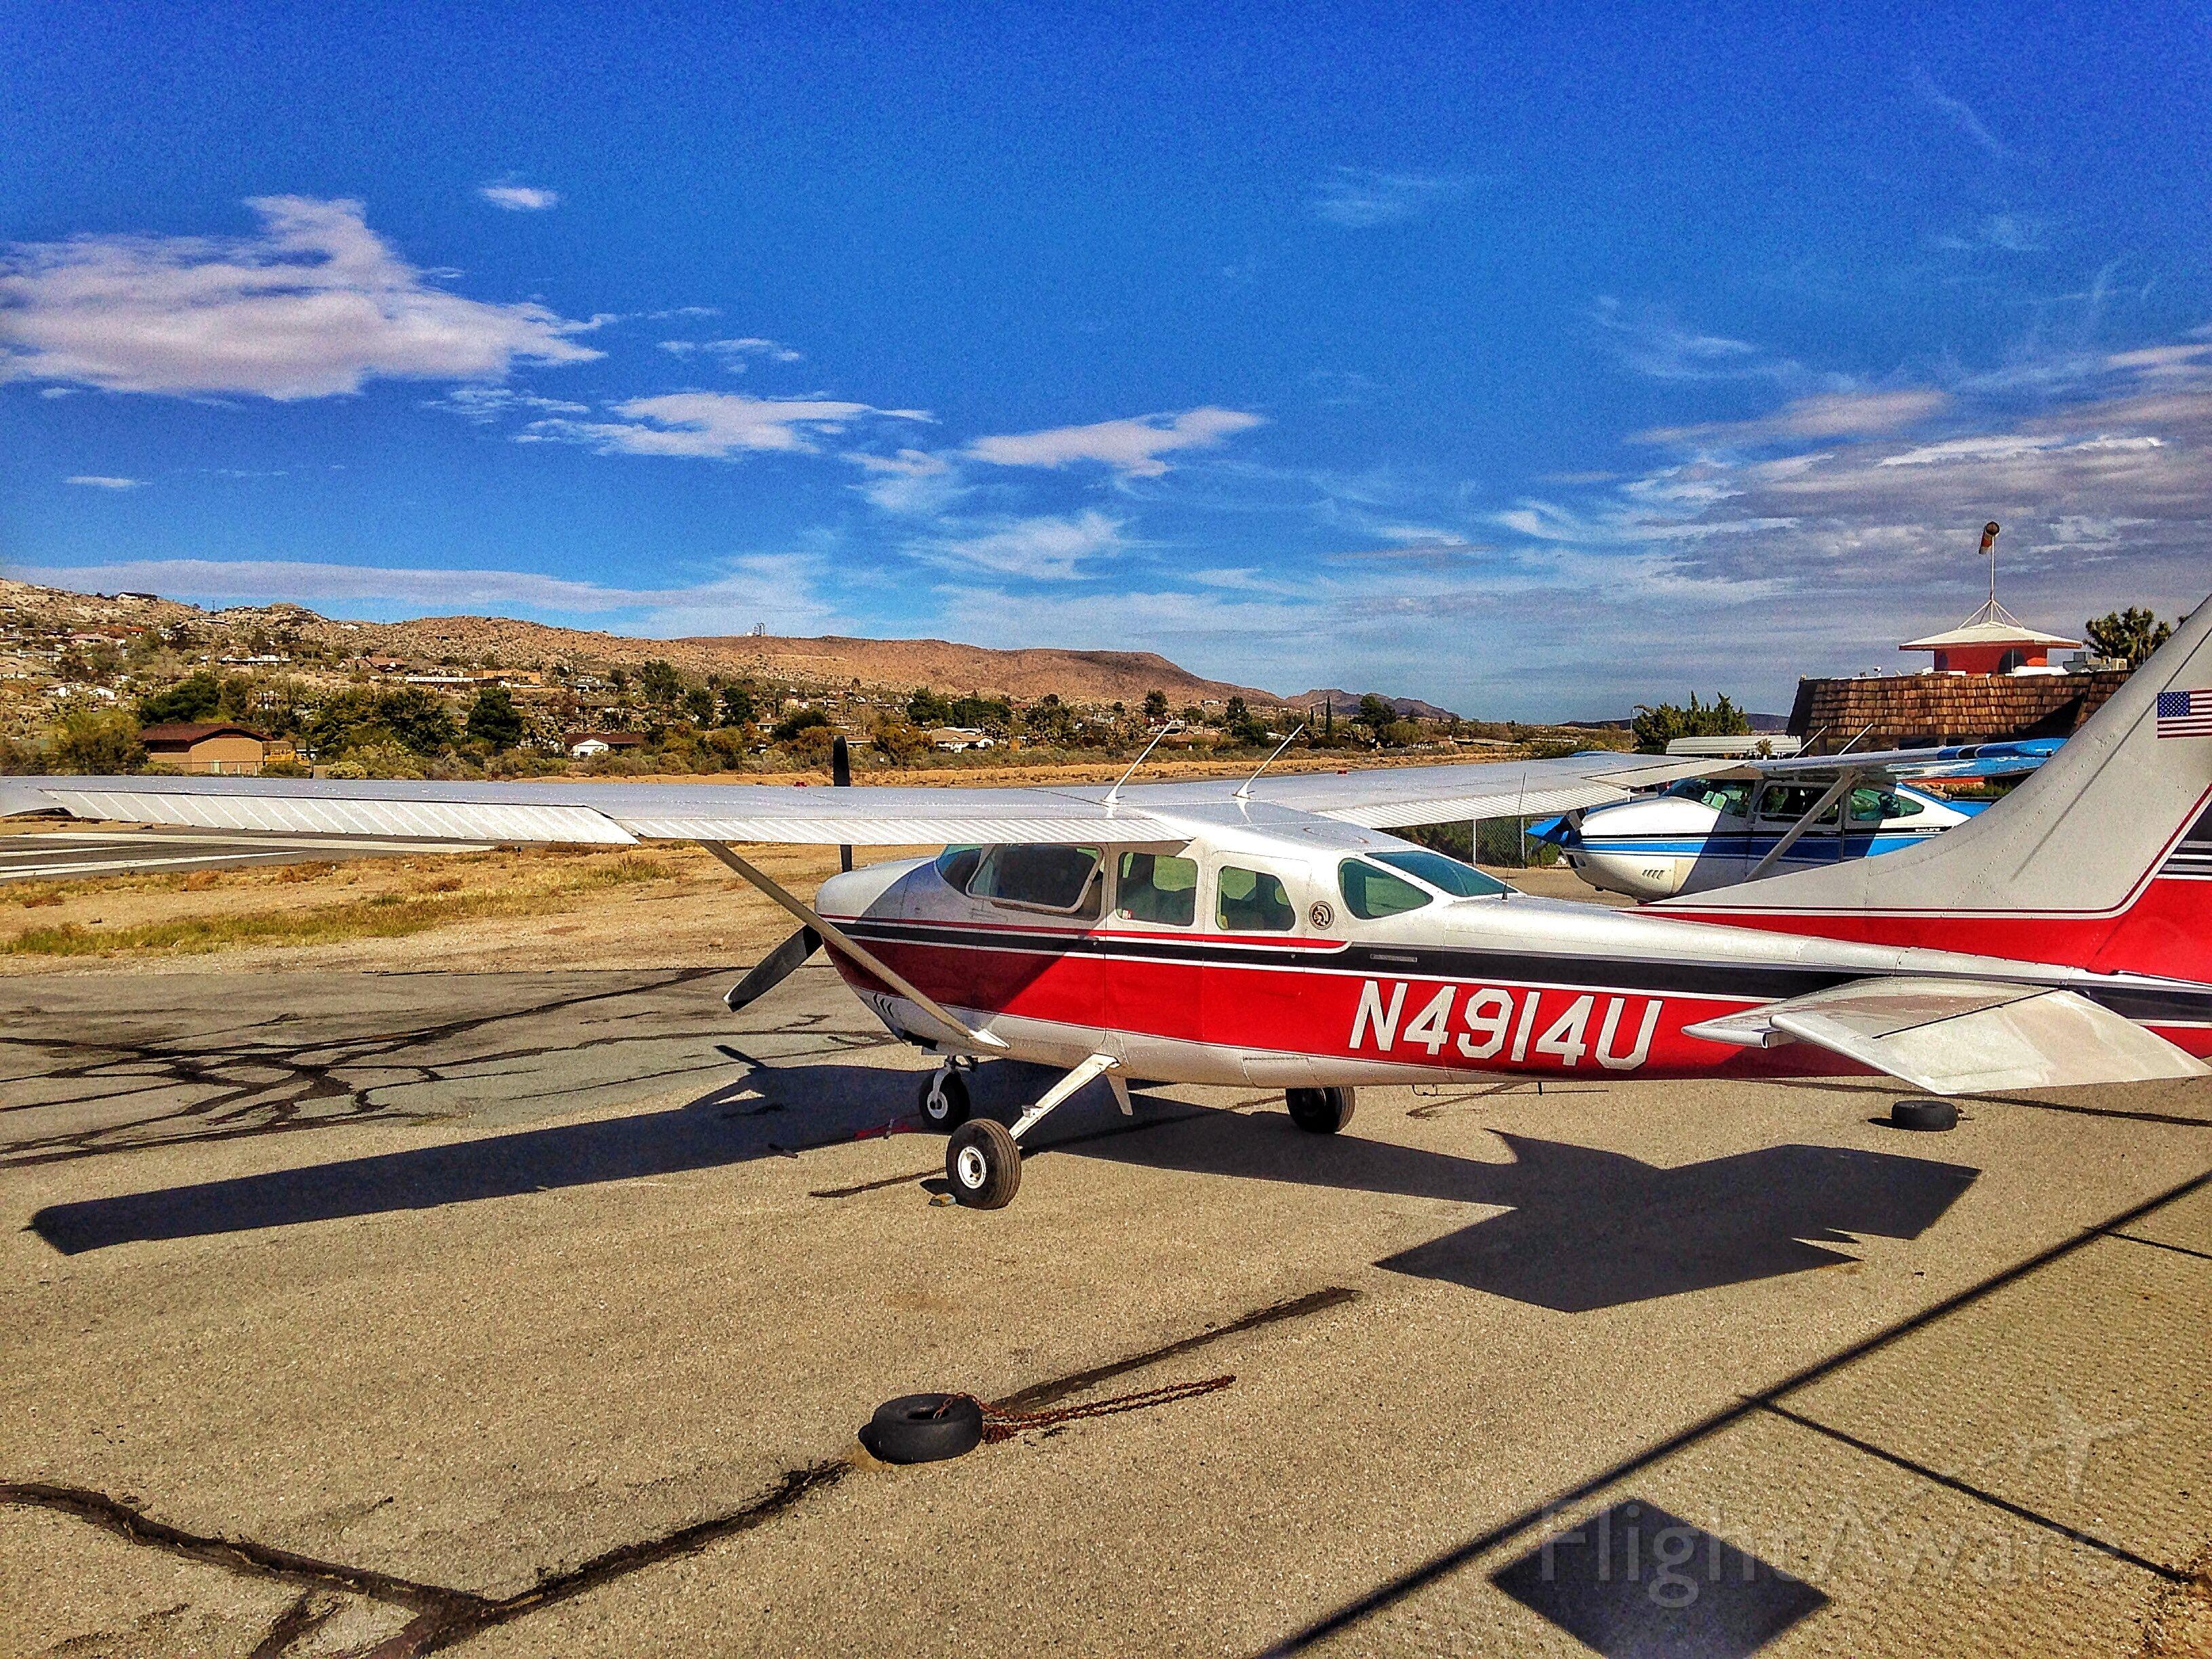 N4914U — - N4914U - 1965 Cessna 210E at L22 Yucca Valley CA